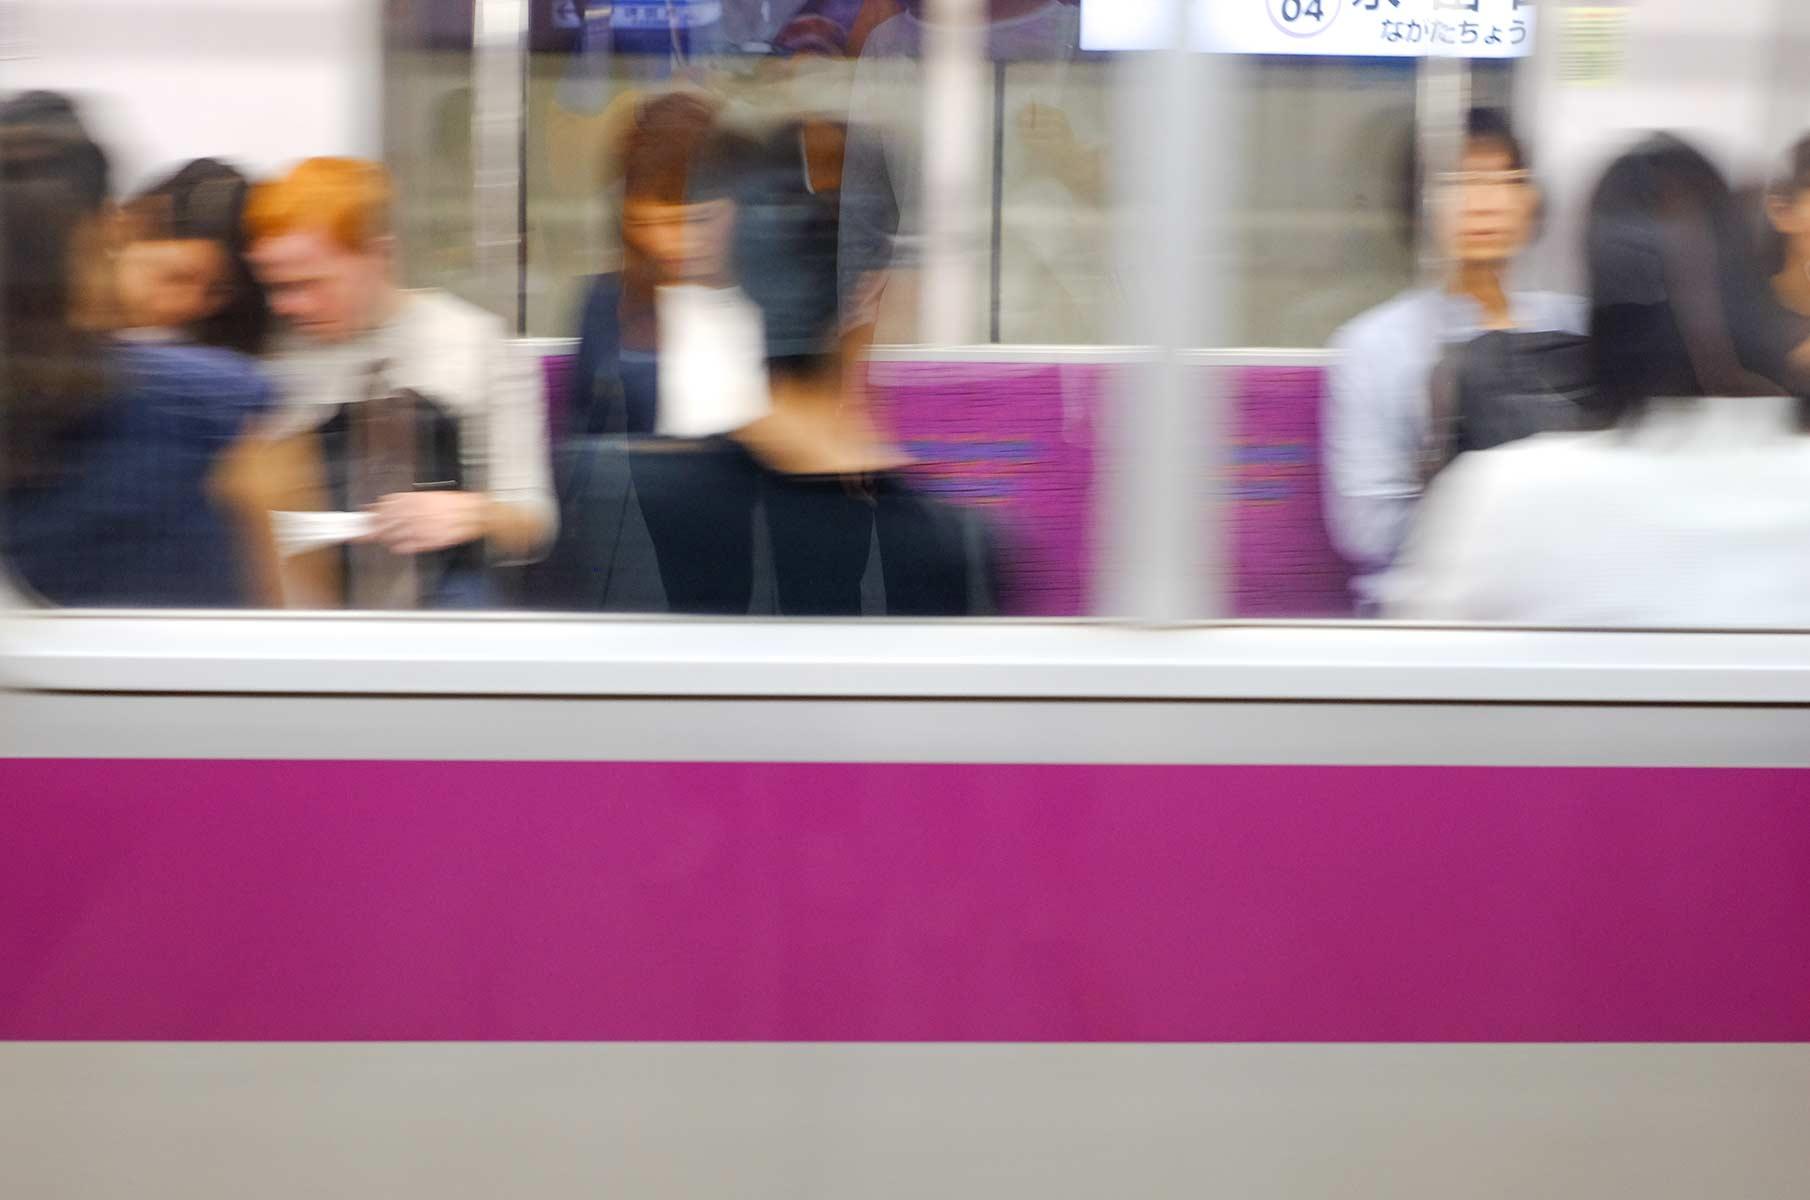 U-Bahn in Tokyo, Japan